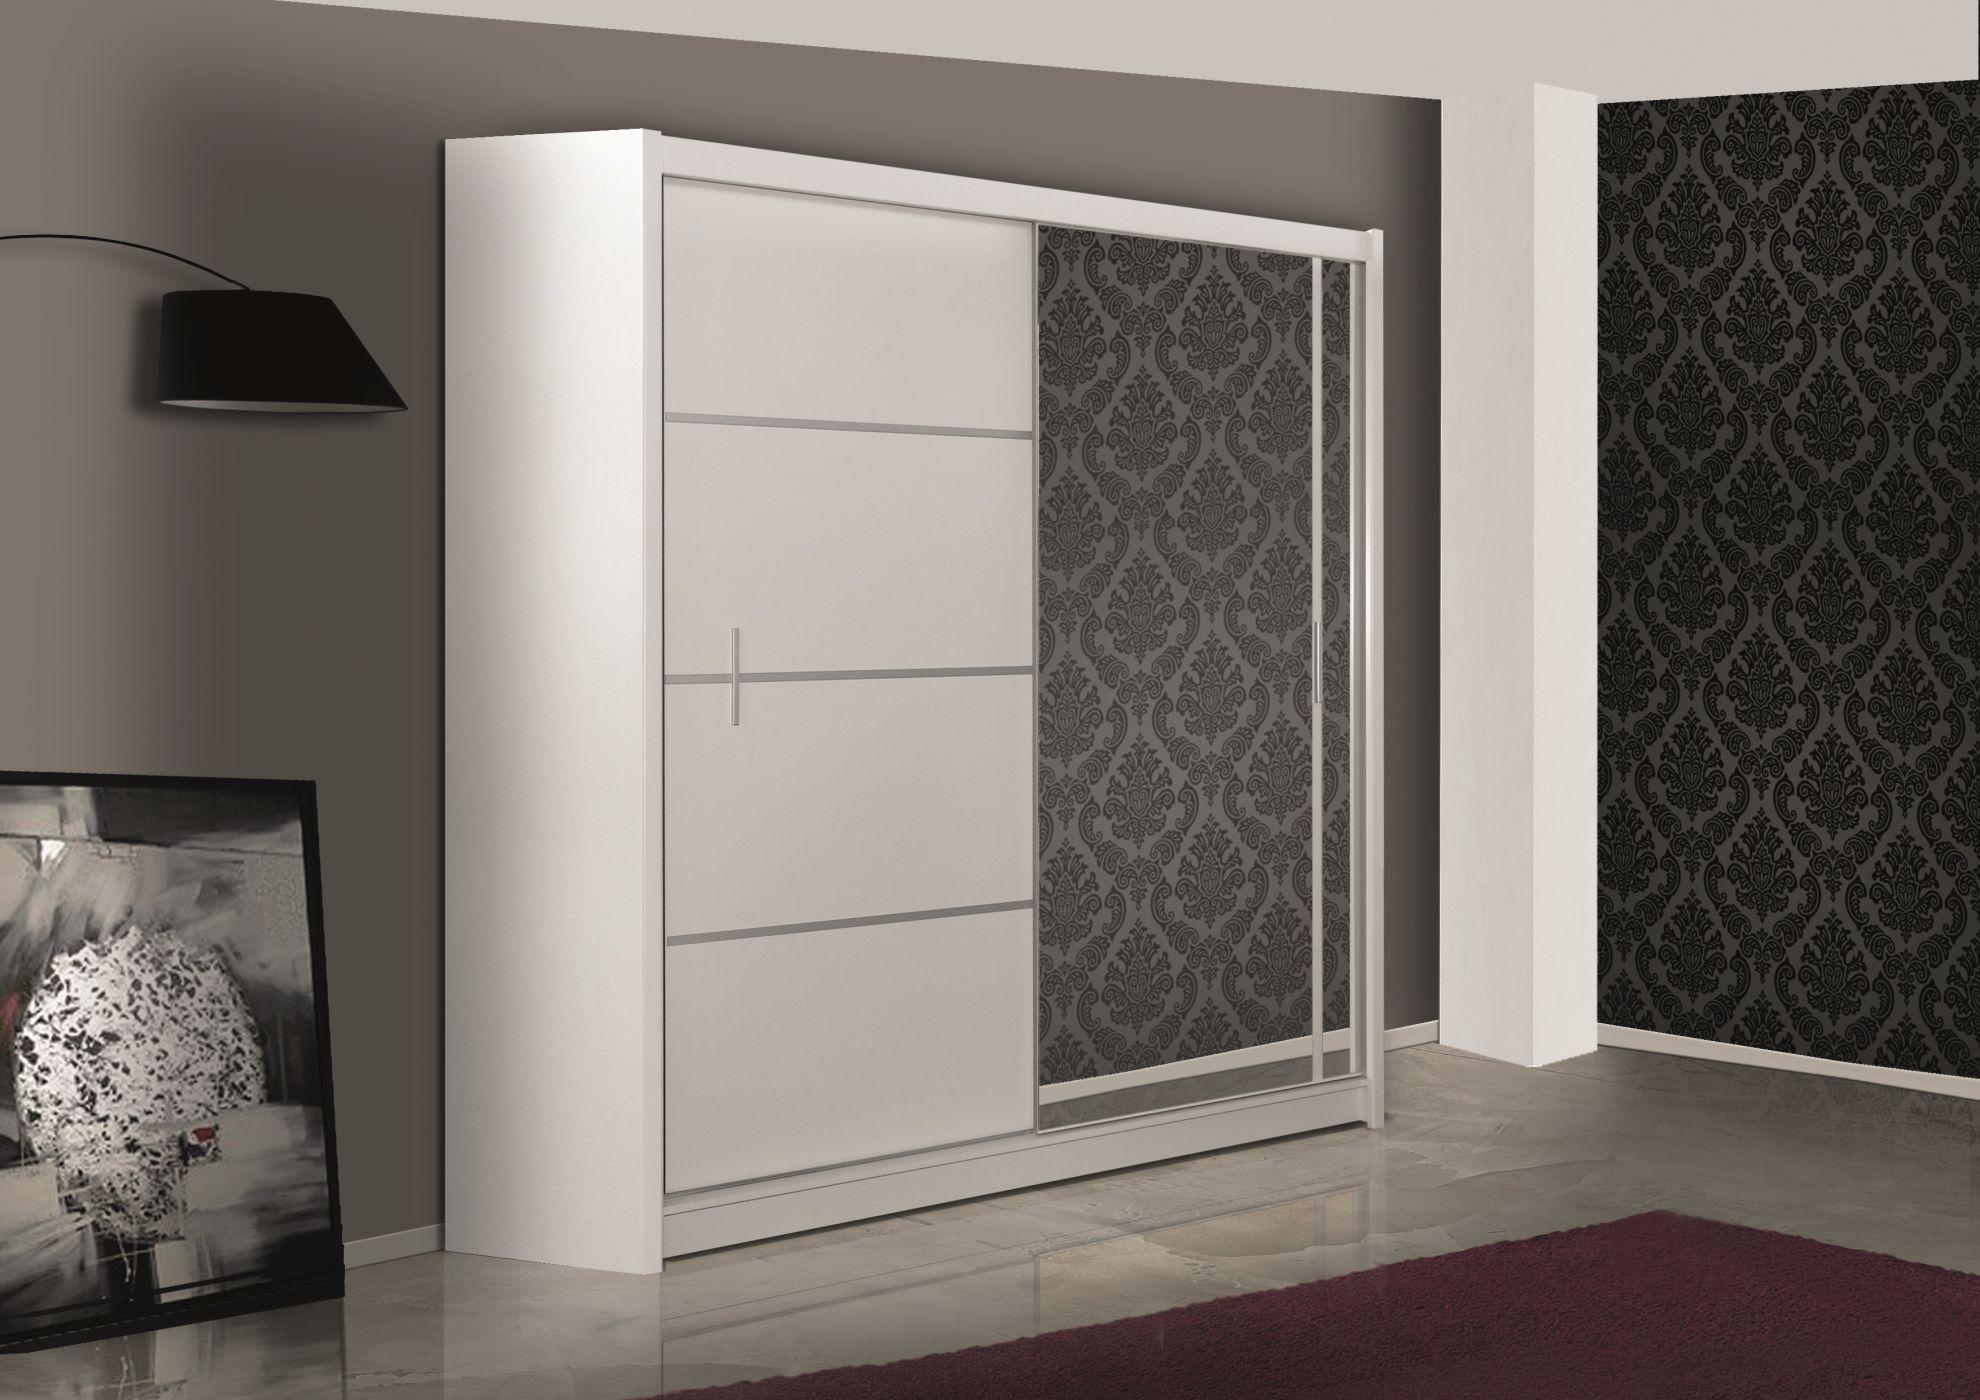 materiaux armoire pas cher armoires de chambre moderne - Armoire Chambre Moderne